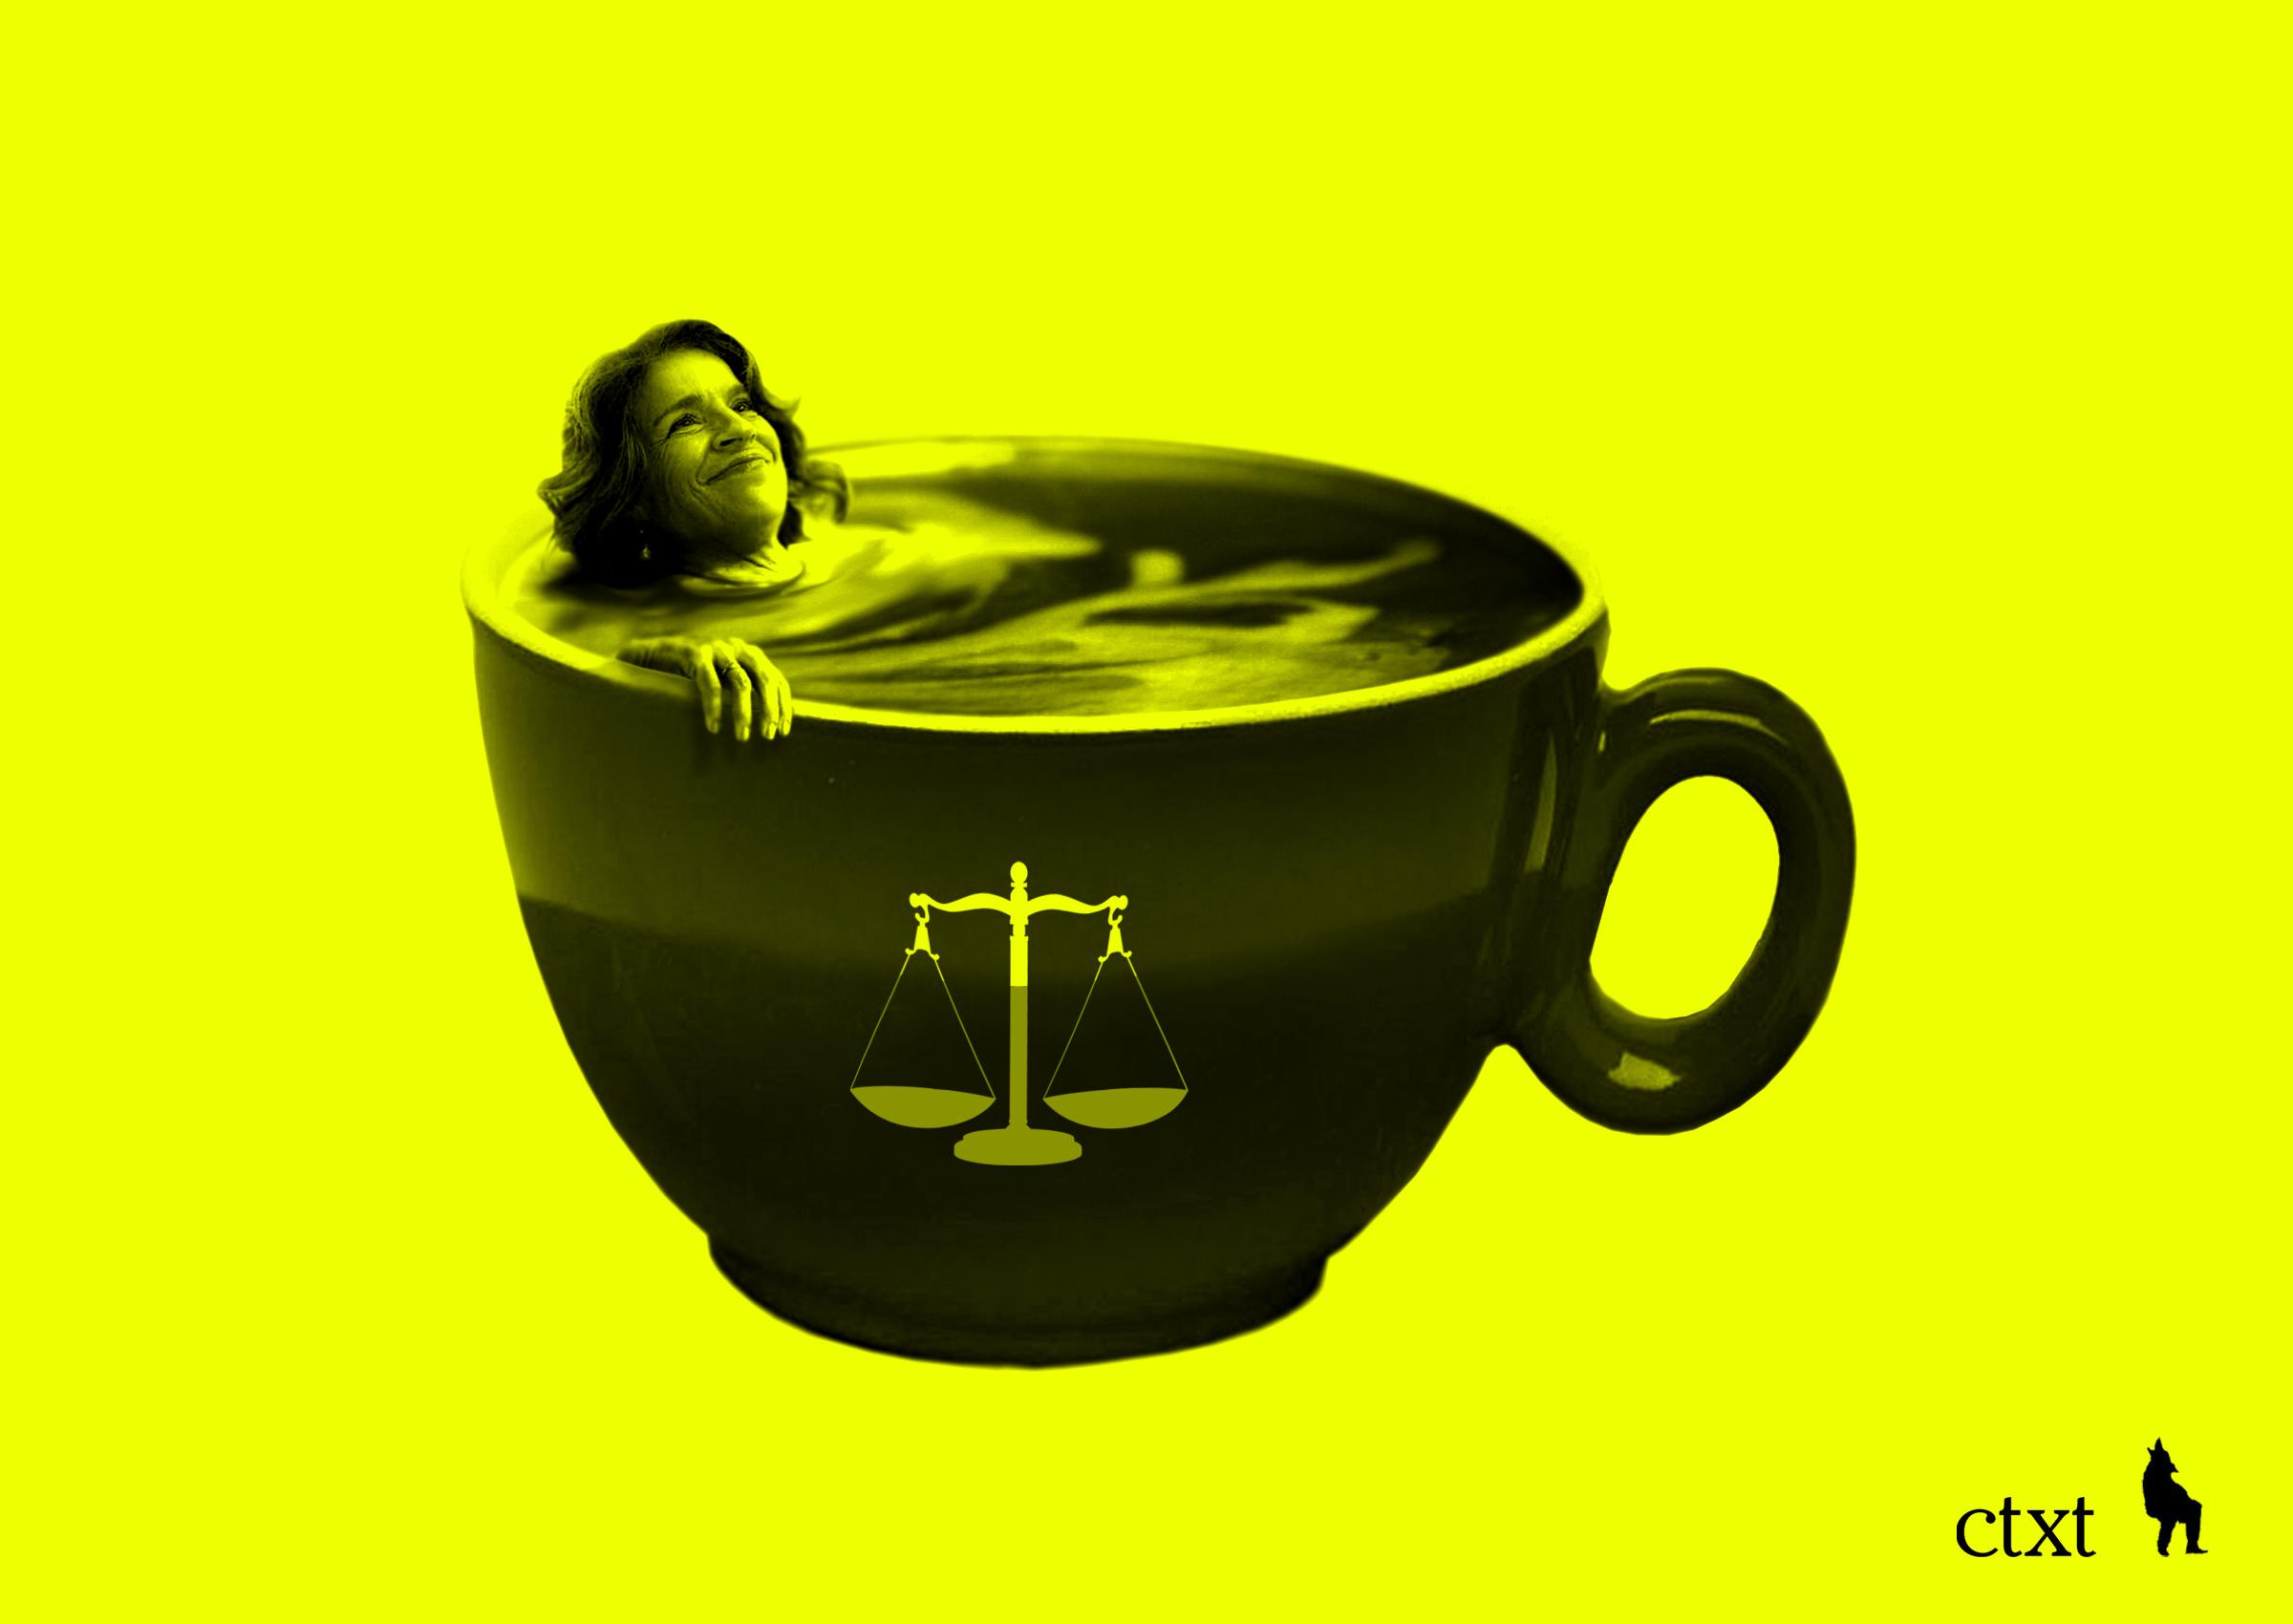 <p>Relaxing Cup of Tribunal de Cuentas</p>